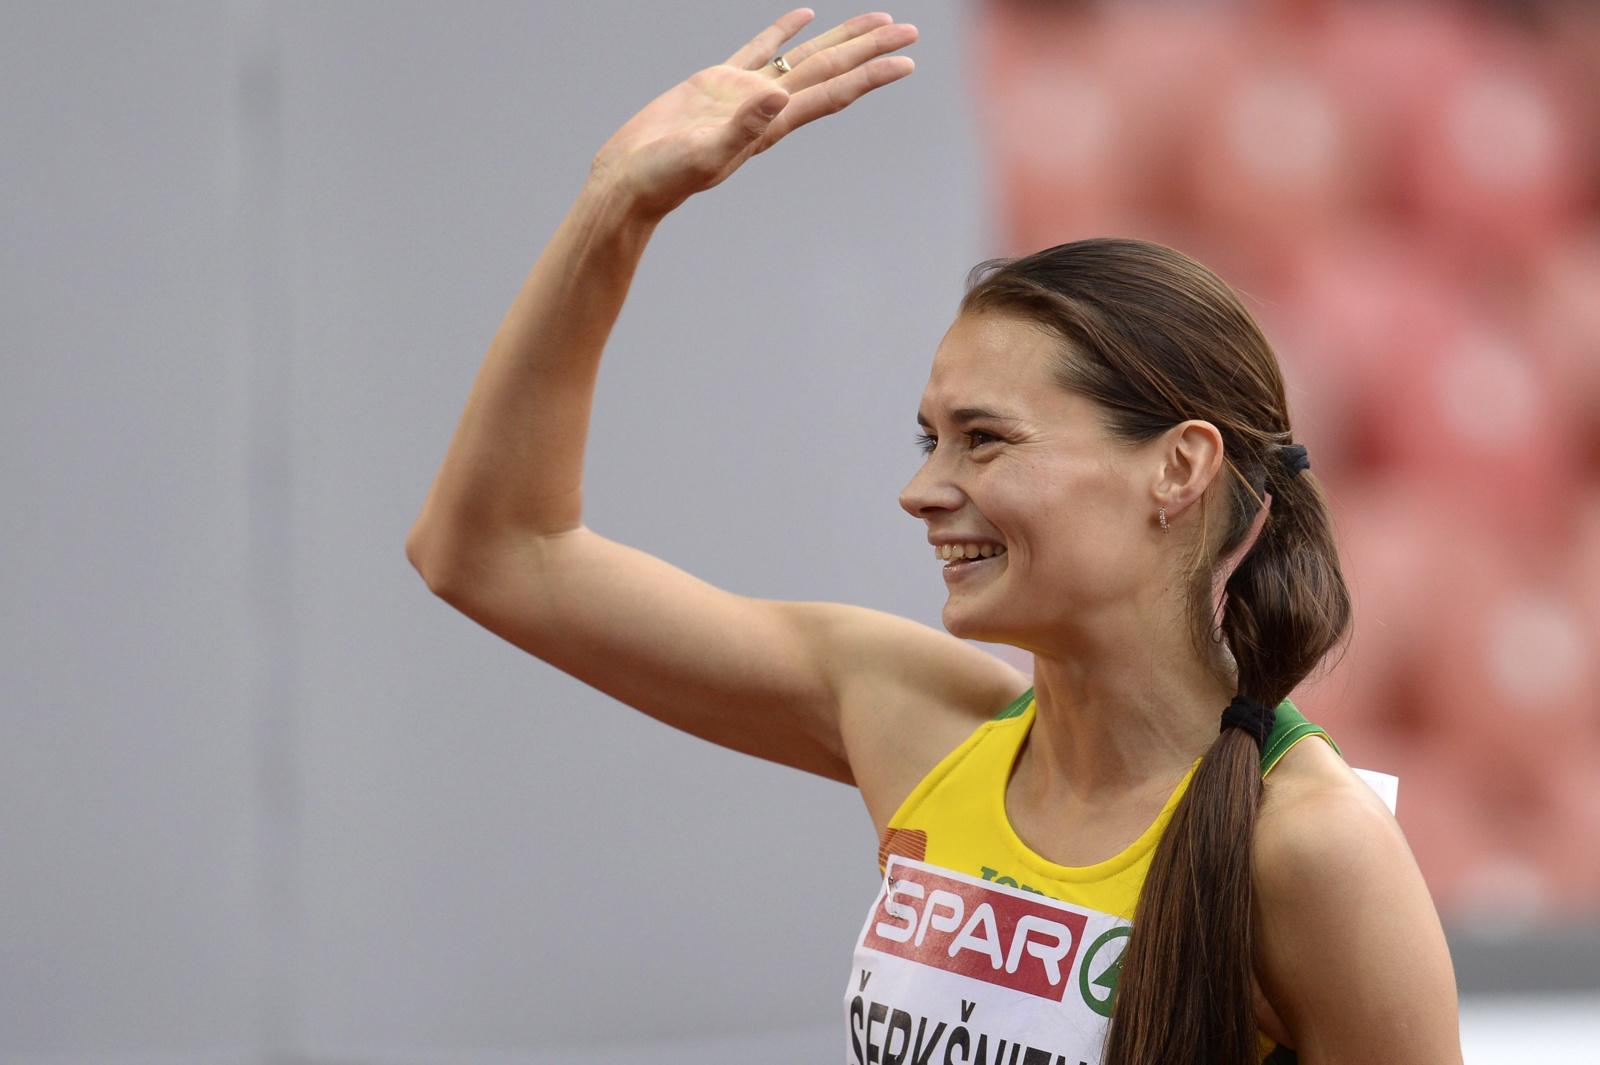 Bėgikė A. Šerkšnienė pateko į Europos čempionato finalą